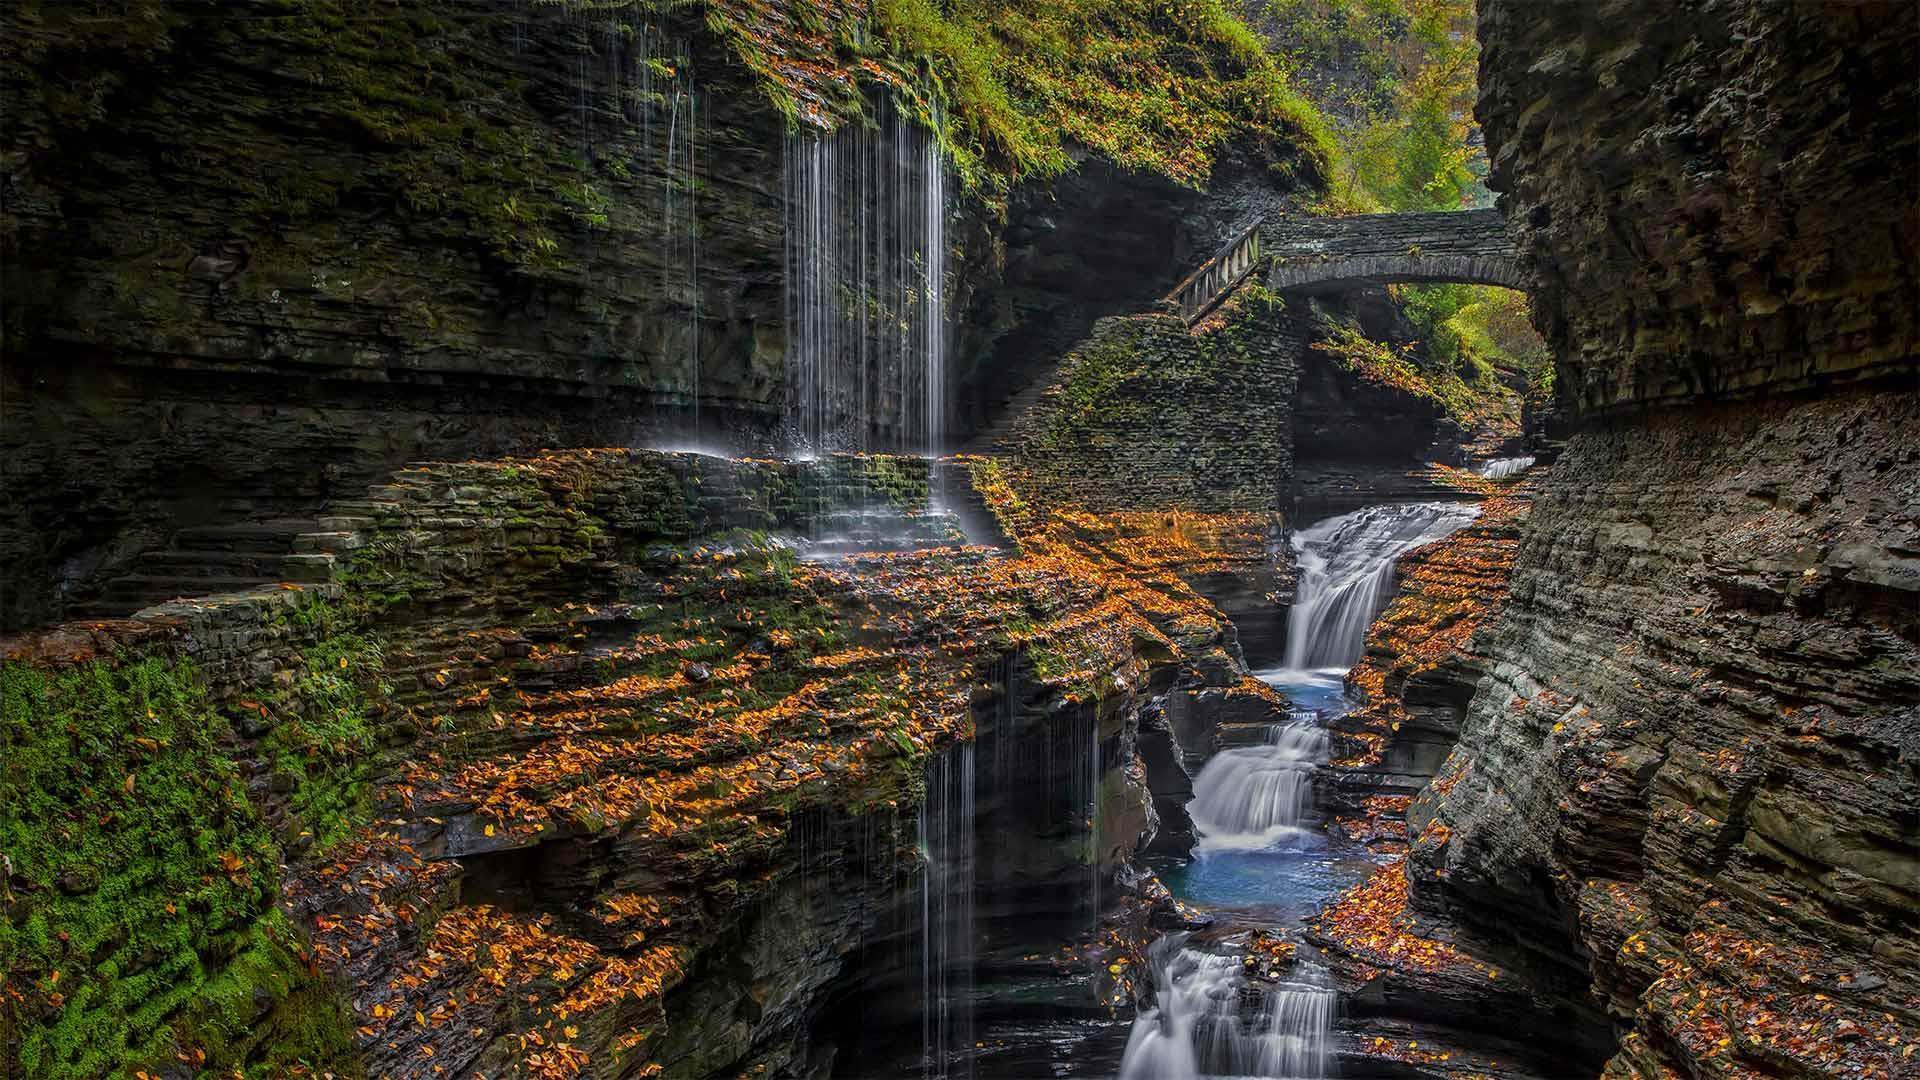 沃特金斯格伦州立公园的彩虹瀑布沃特金斯格伦州立公园